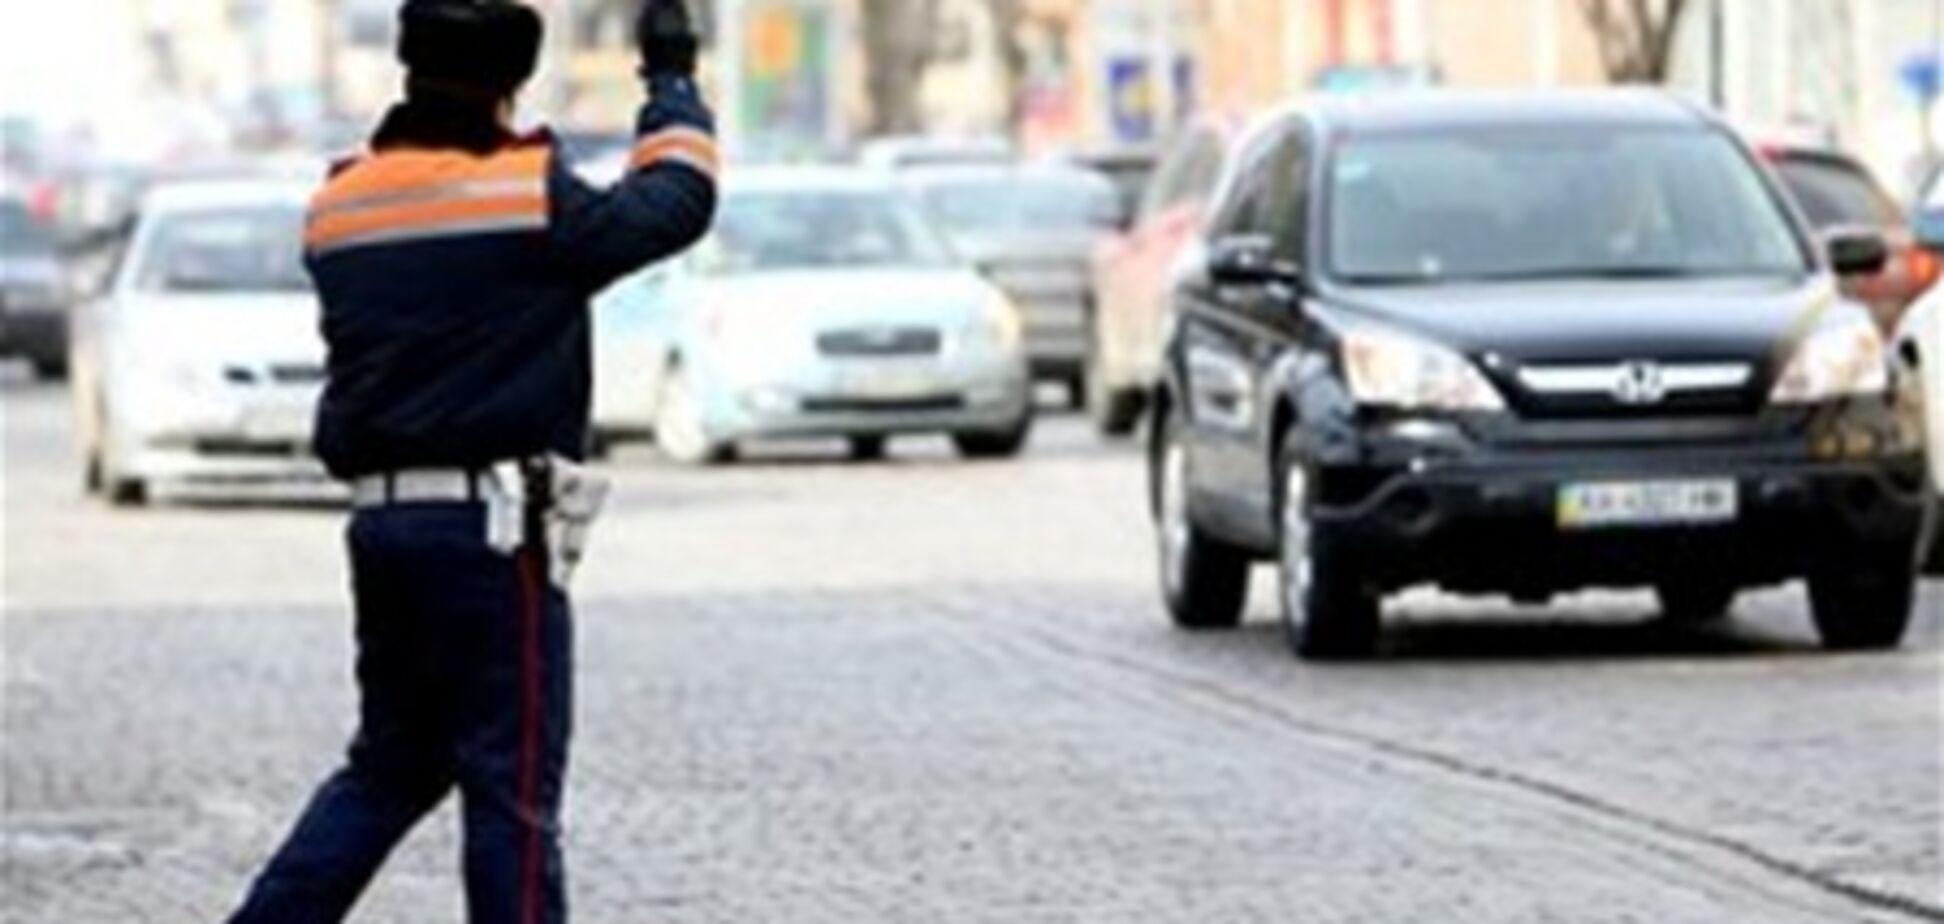 Киевского гаишника задержали на взятке в $1400